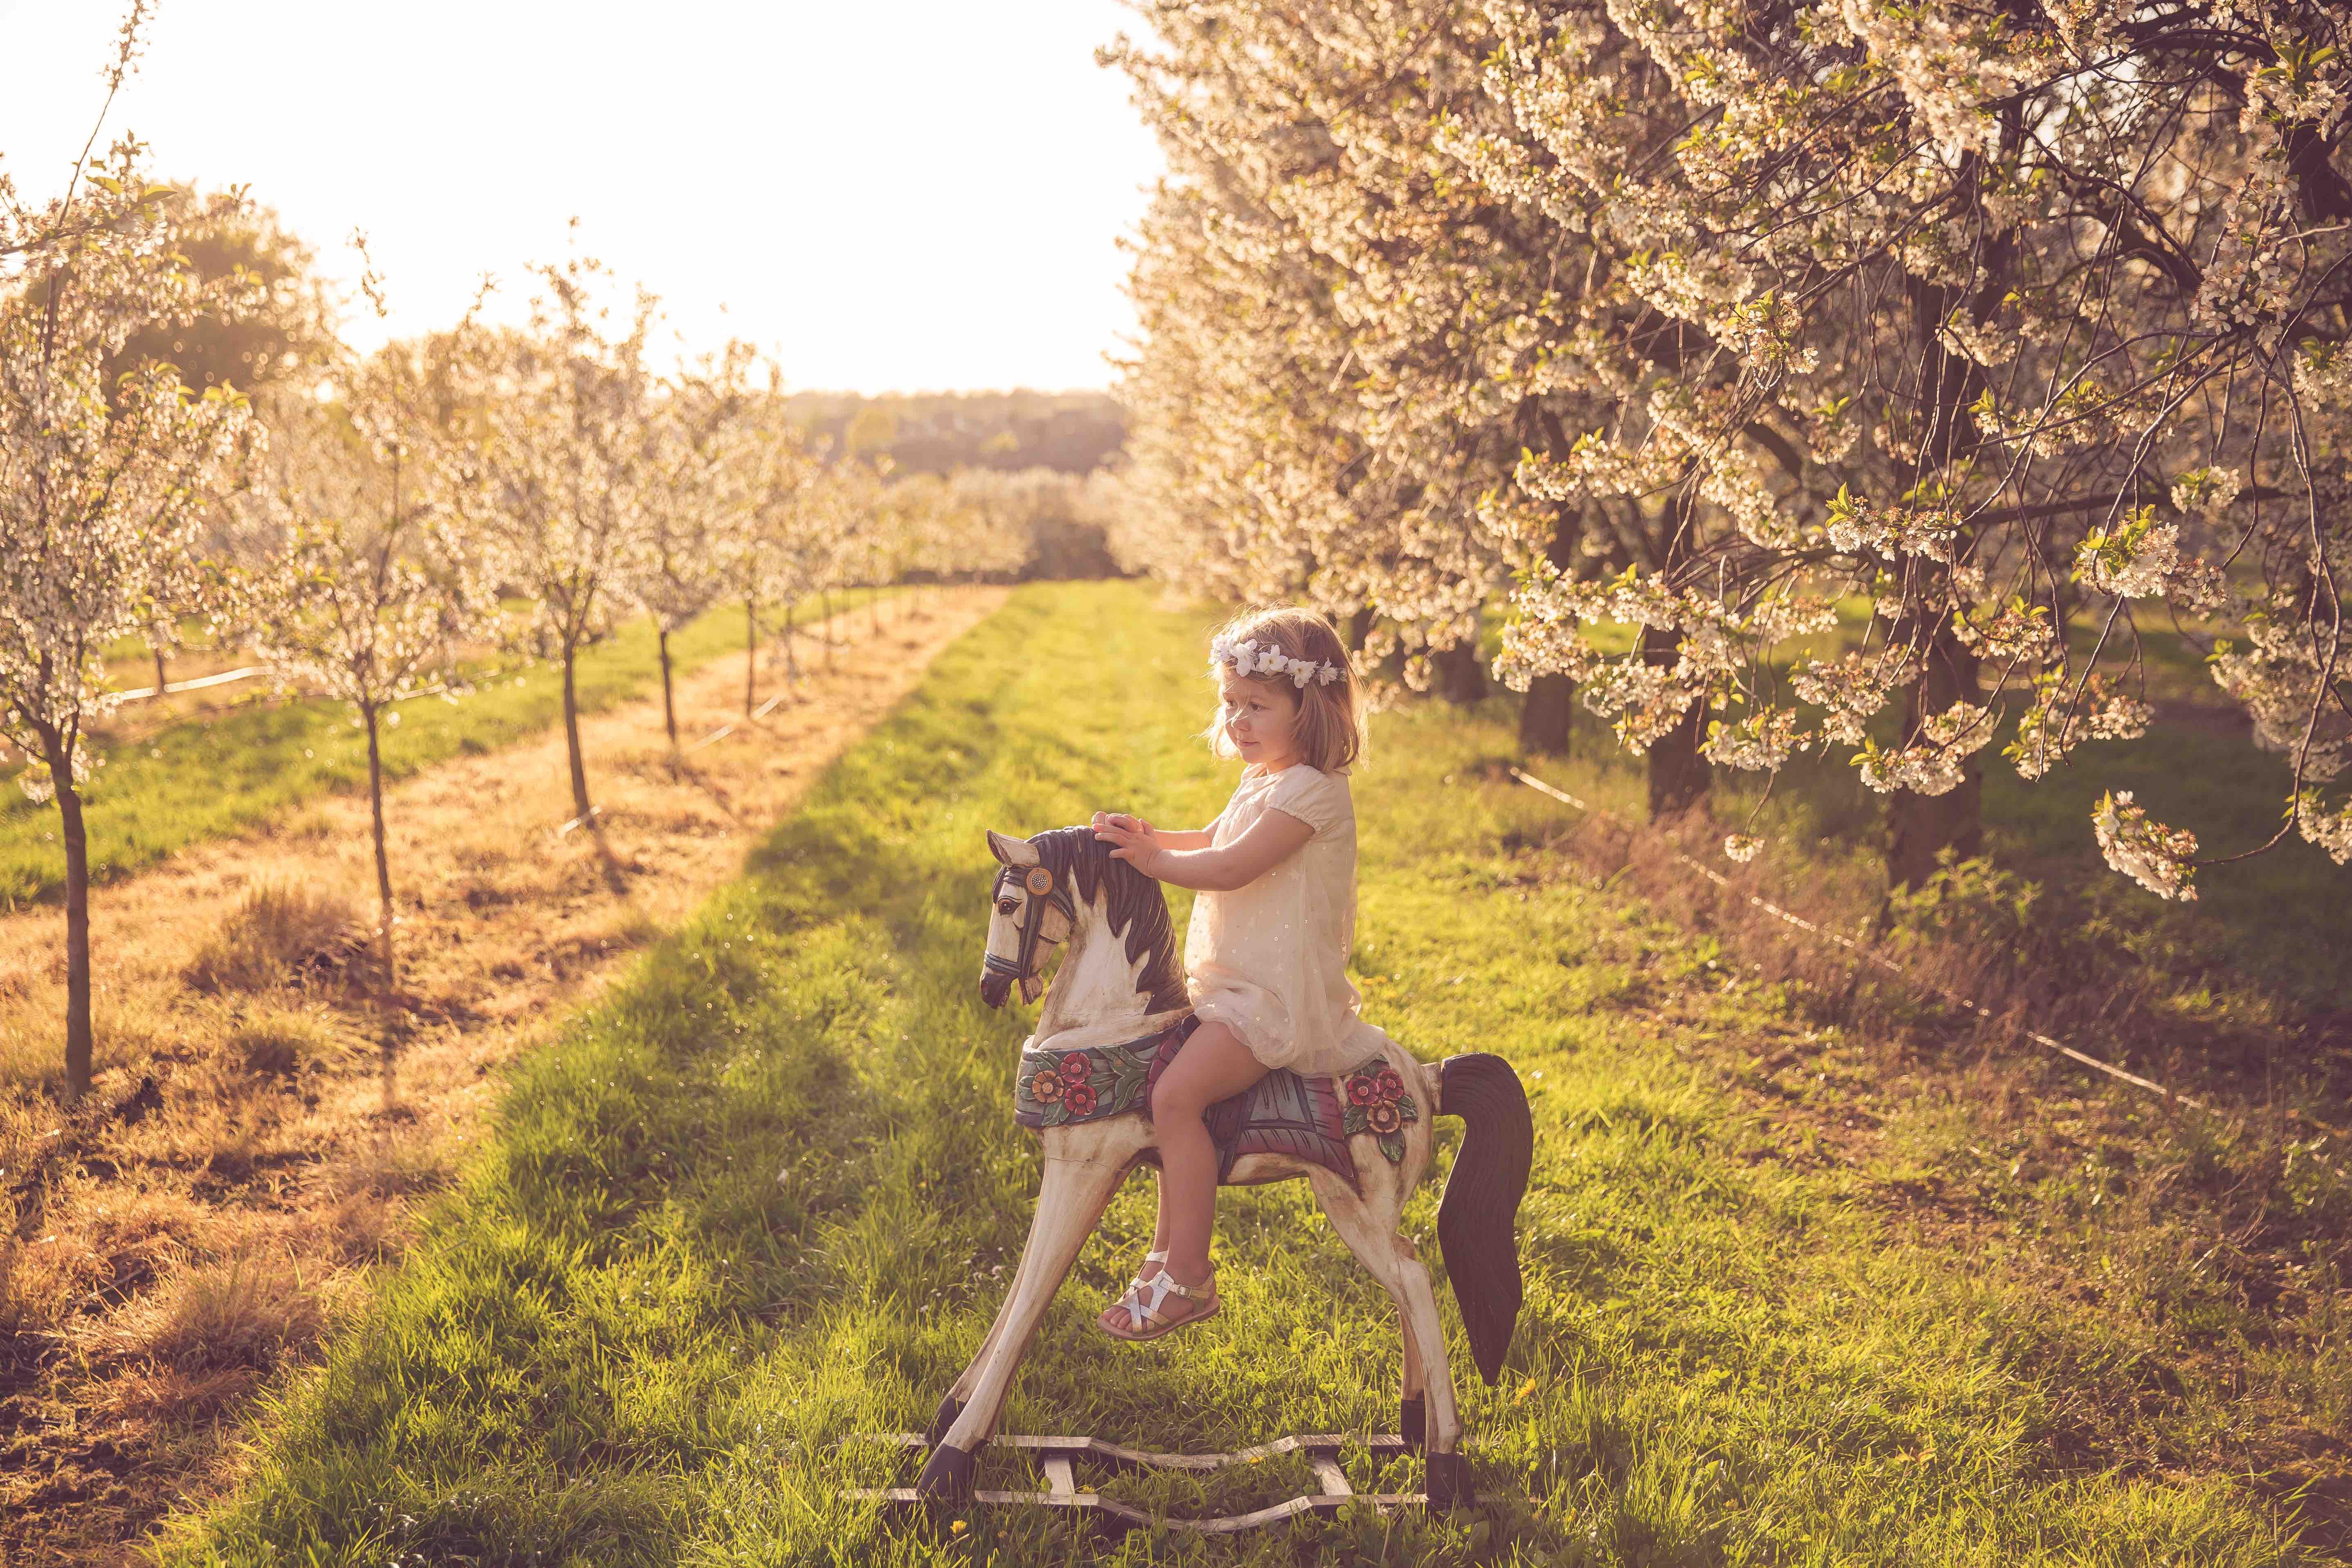 fotoshoot voorjaarsfotoshoot kind peuter gezin esther hameleers fotografie golden hour MAMA to the max